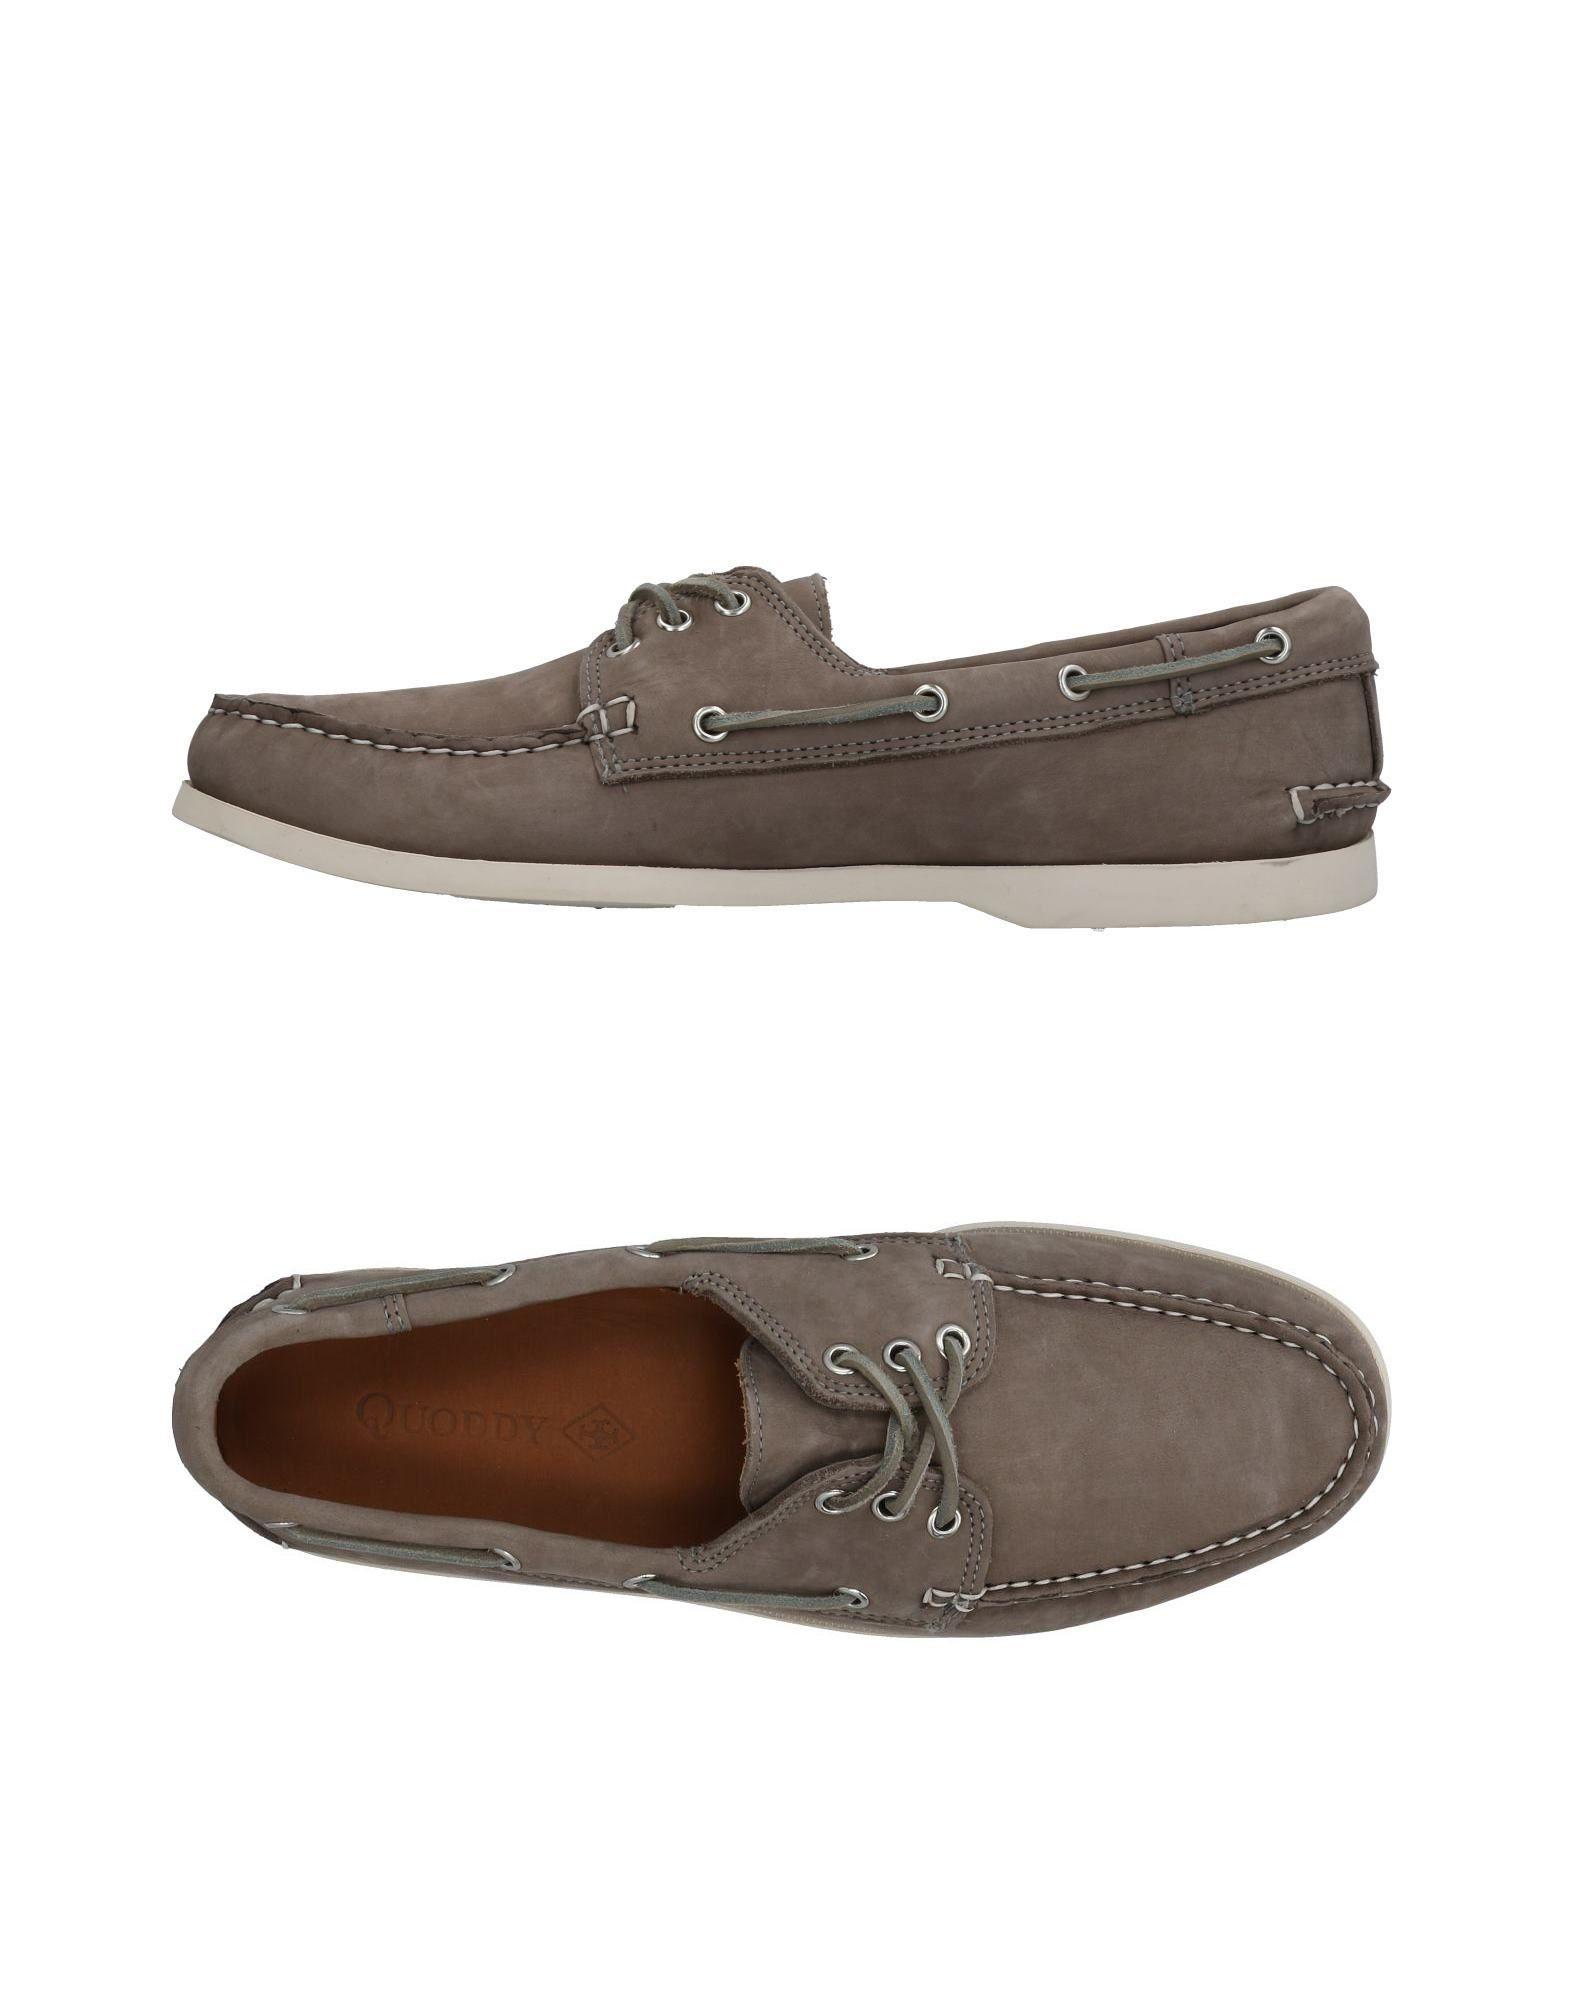 Quoddy Mokassins Herren  11452642DA Gute Qualität beliebte Schuhe